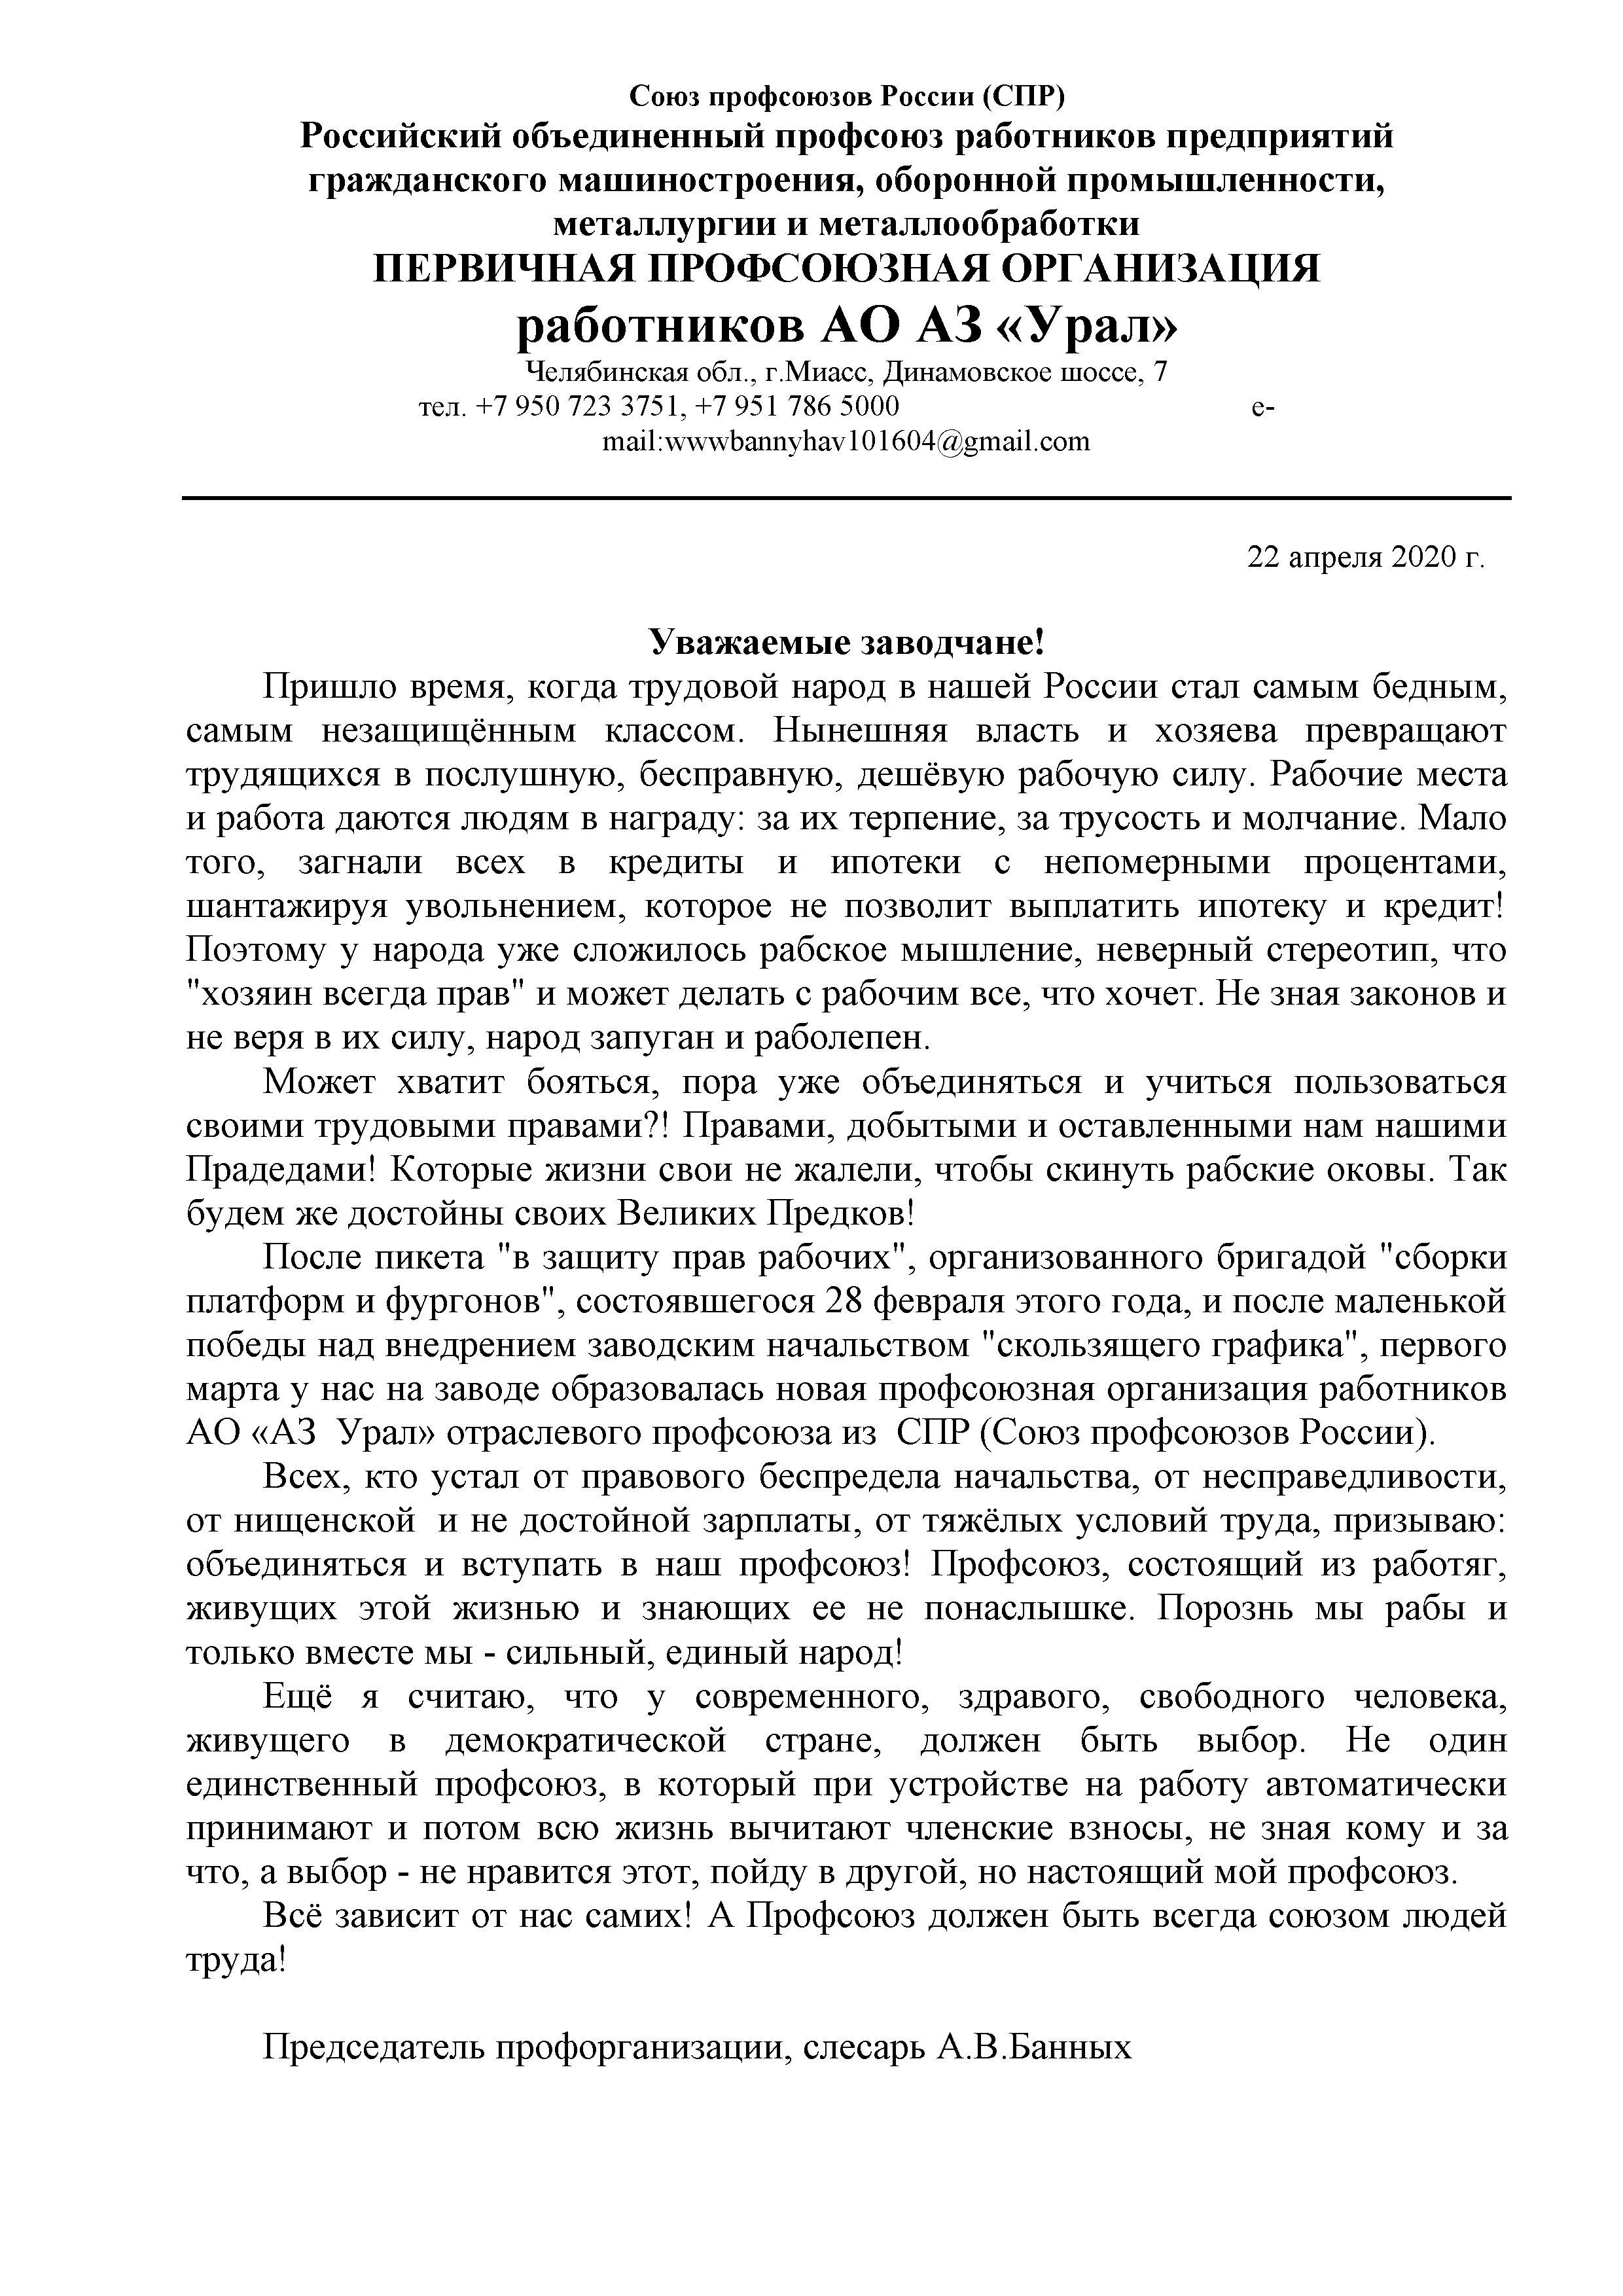 Обращение к заводчанам УралАвто.jpg